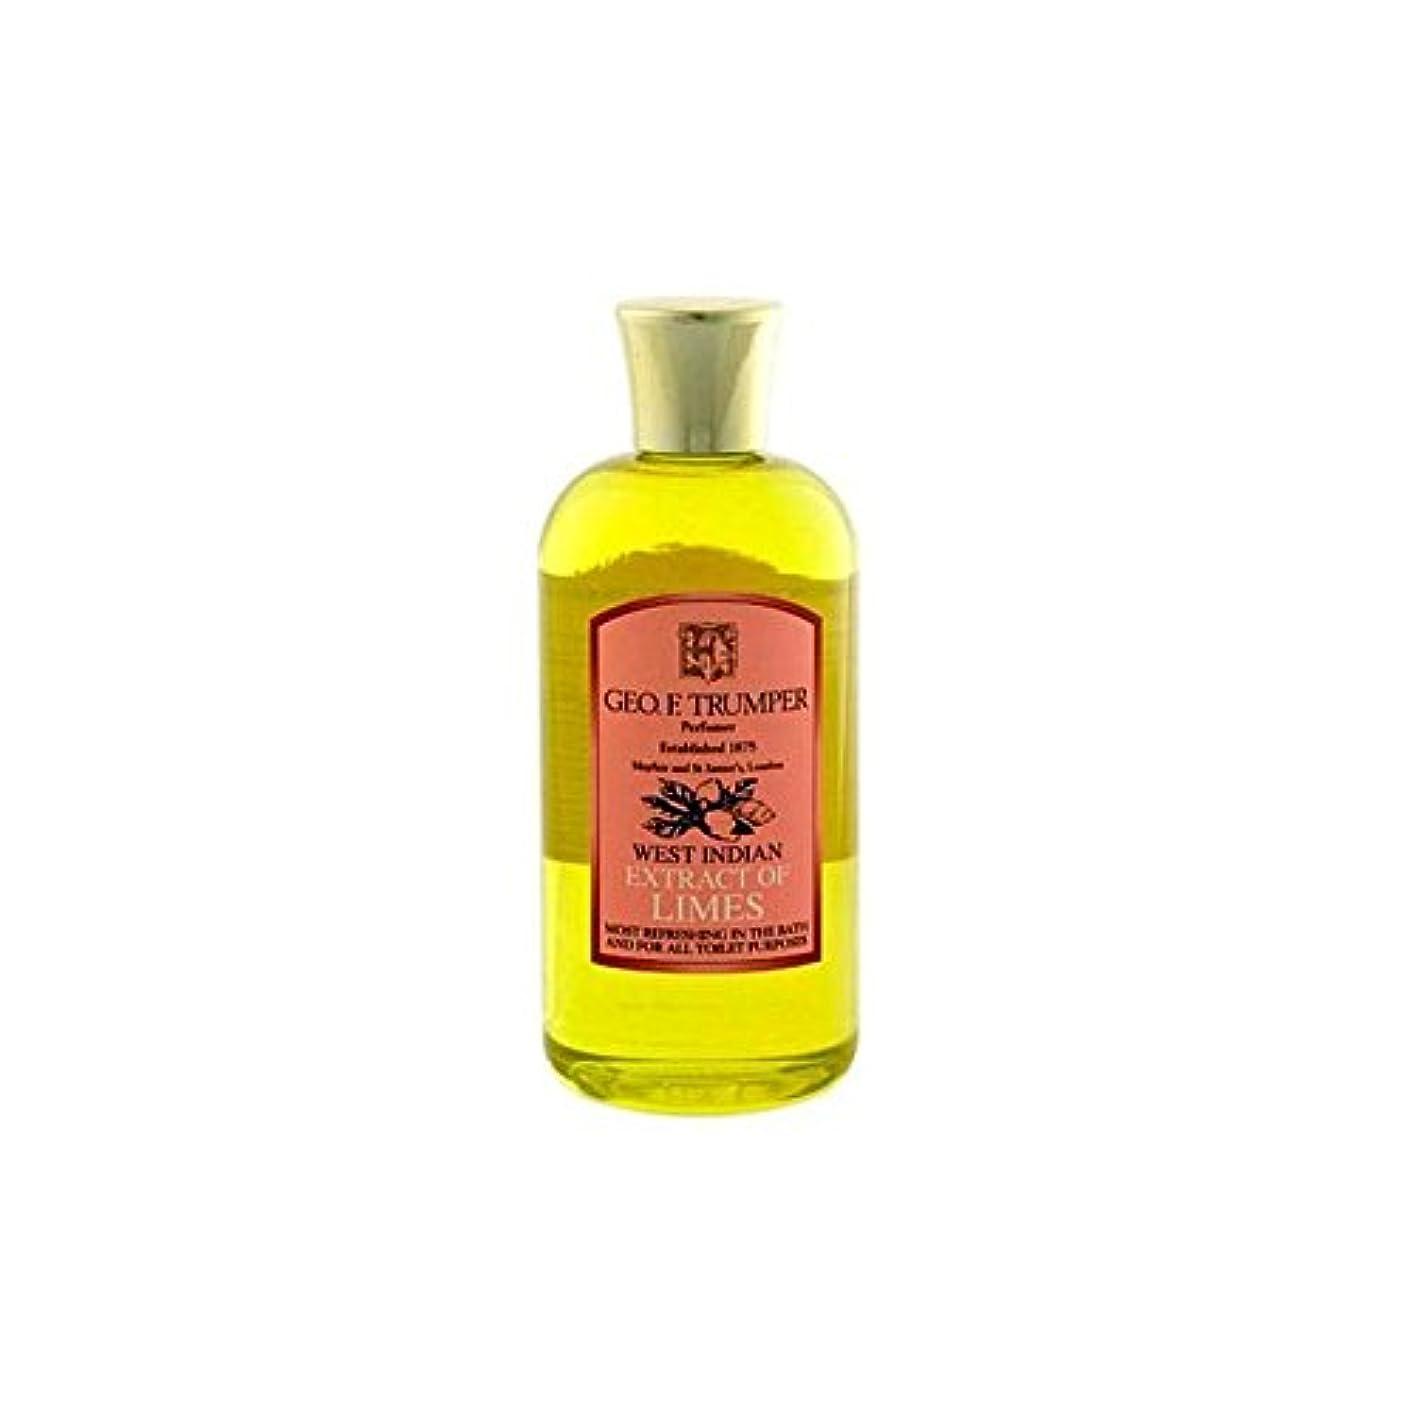 損失星懸念Trumpers Extracts of Limes Bath and Shower Gel 200ml (Pack of 6) - ライムのバスタブとシャワージェル200の抽出物を x6 [並行輸入品]